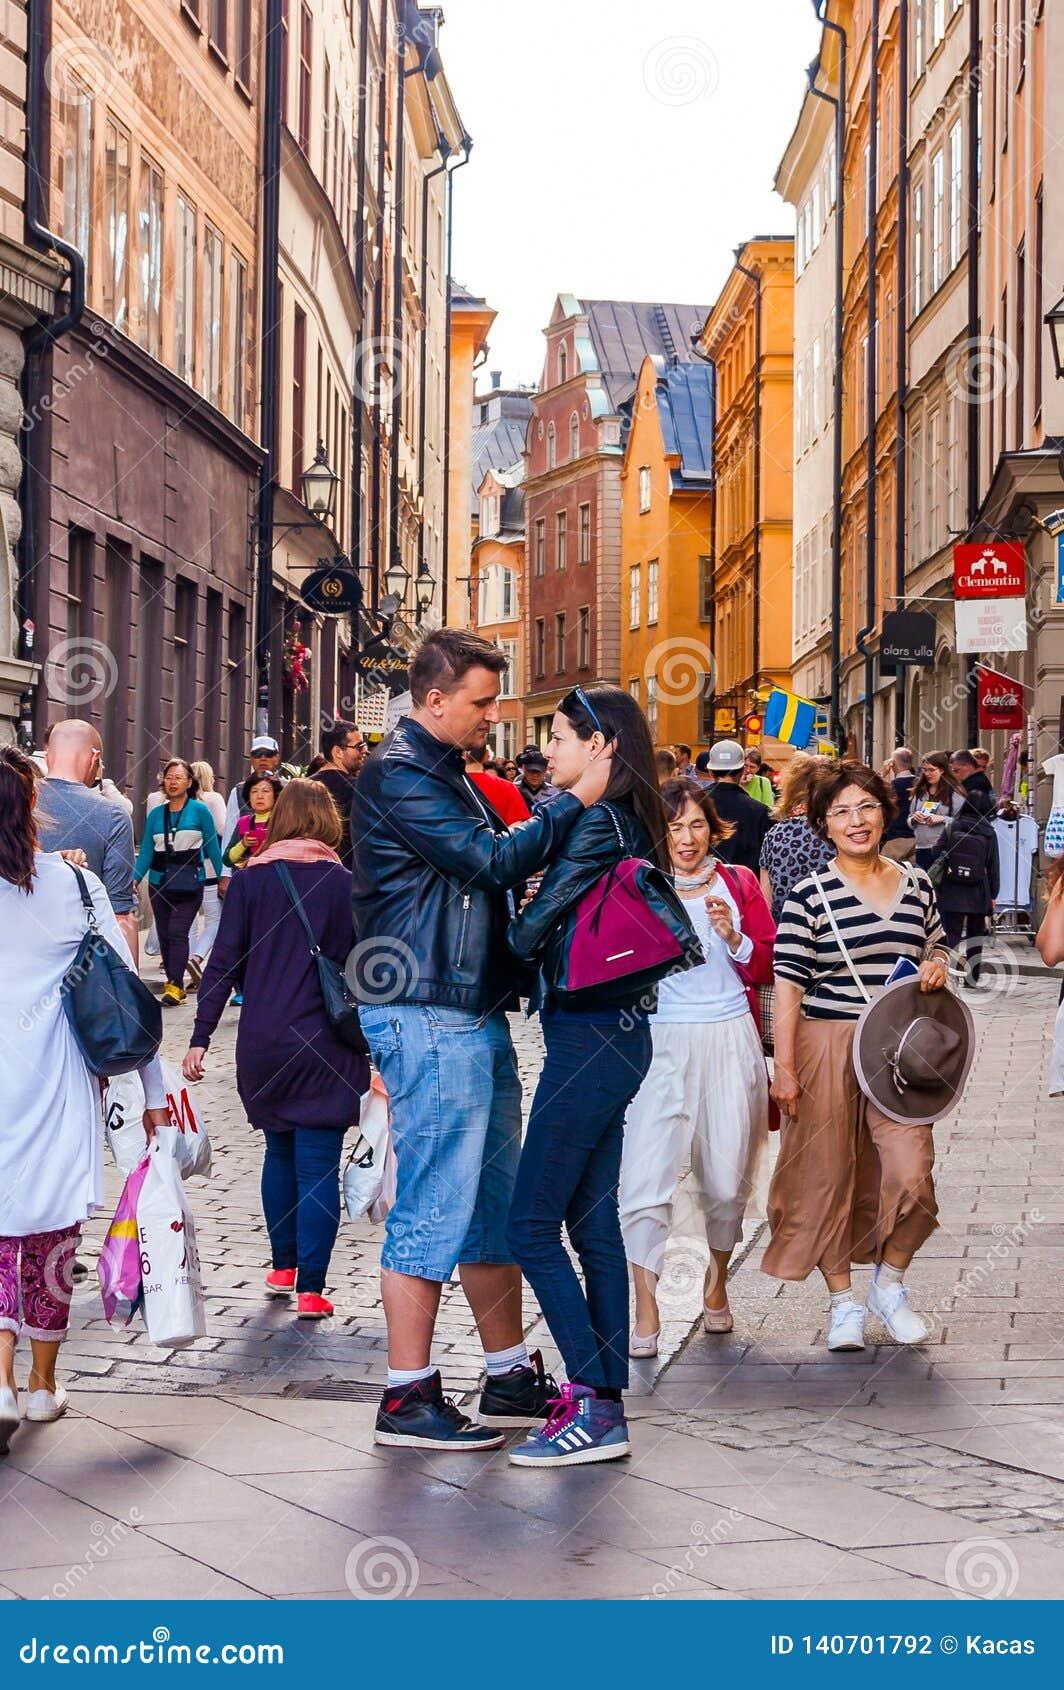 Ρομαντικό ζεύγος που στέκεται στο κέντρο της συσσωρευμένης μεσαιωνικής οδού σε Gamla Stan, παλαιά πόλη της Στοκχόλμης